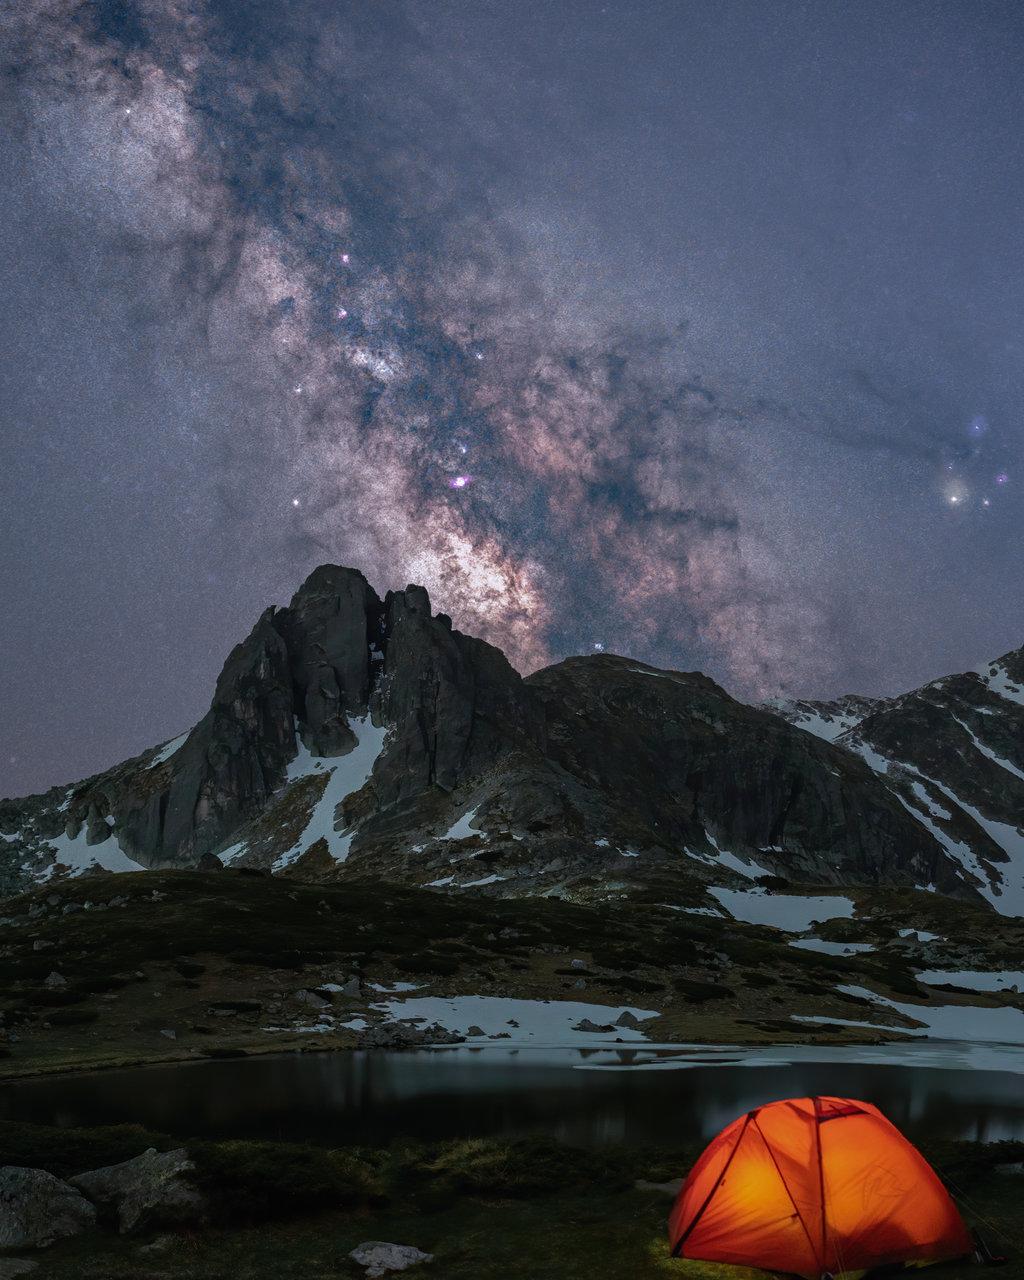 Рила с цялата си прелест през ноща... | Author edobg | PHOTO FORUM